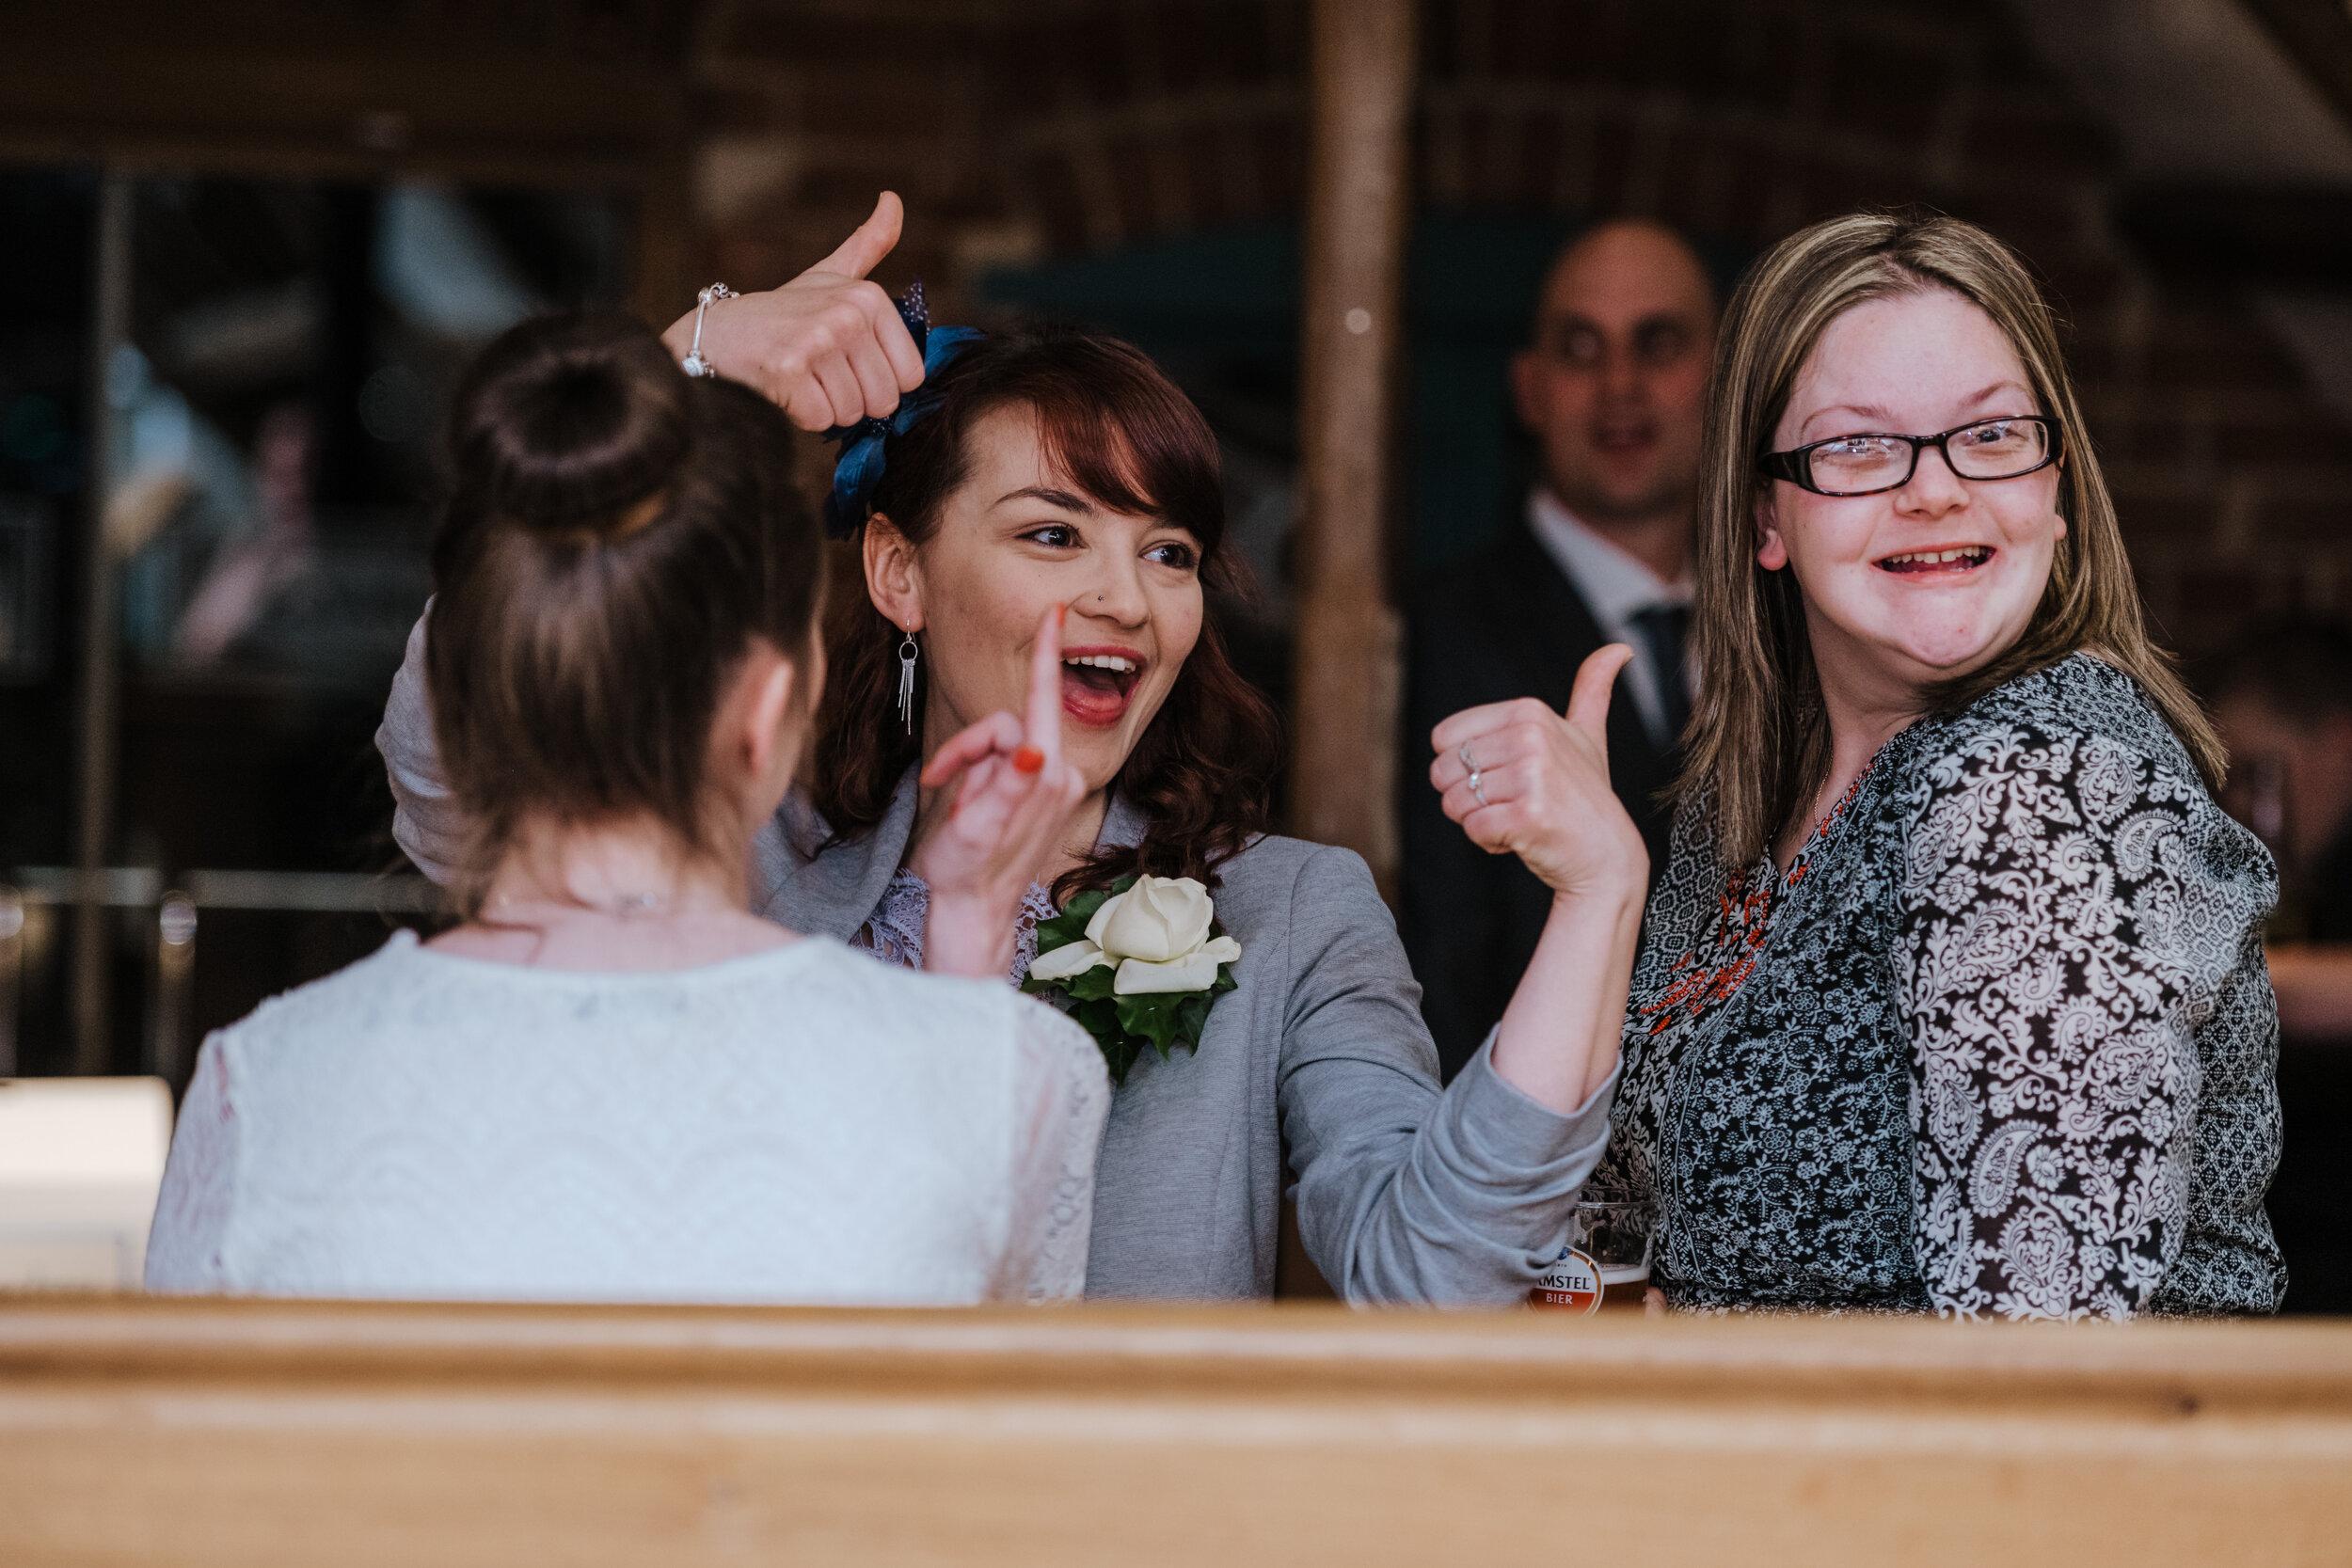 SUFFOLK_WEDDING_PHOTOGRAPHY_ISAACS_WEDDING_VENUE_WEDDINGPHOTOGRAPHERNEARME_iPSWICHWEDDINGPHOTOGRAPHER (84).jpg